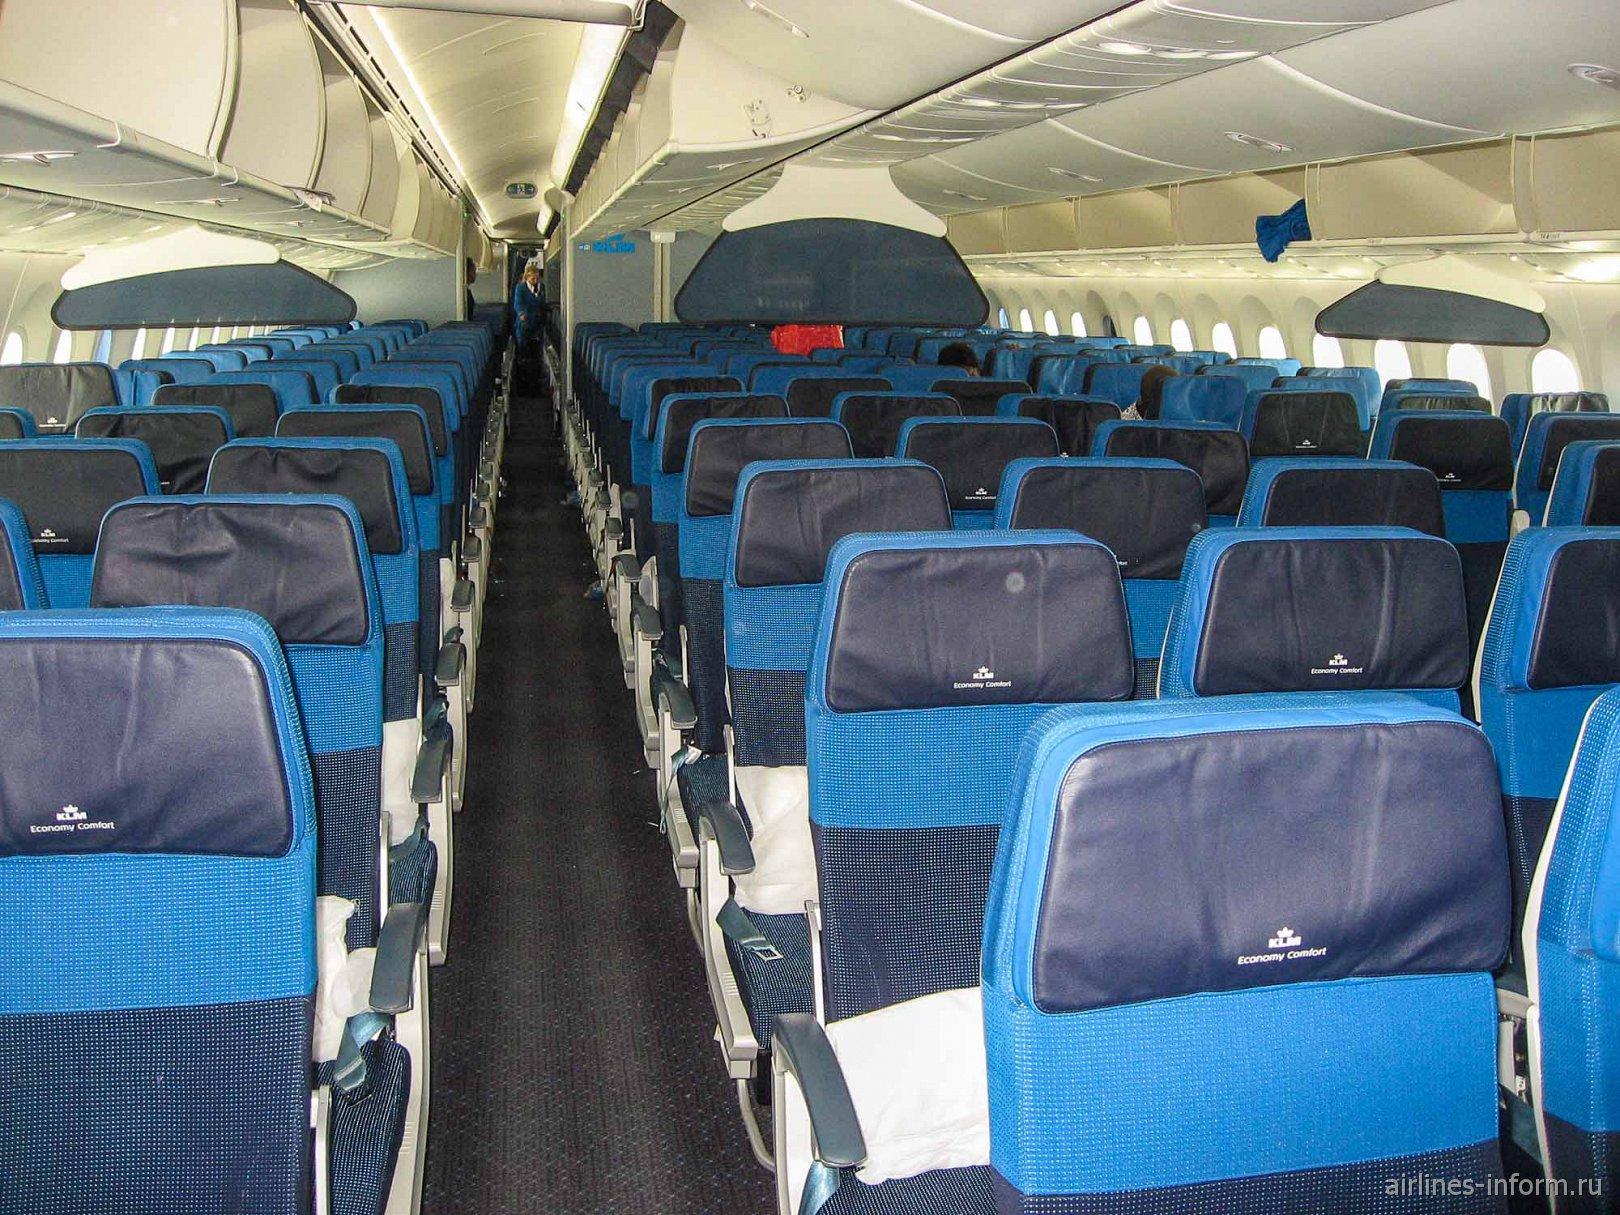 Пассажирский салон эконом-класса в Боинге-787-9 авиакомпании KLM